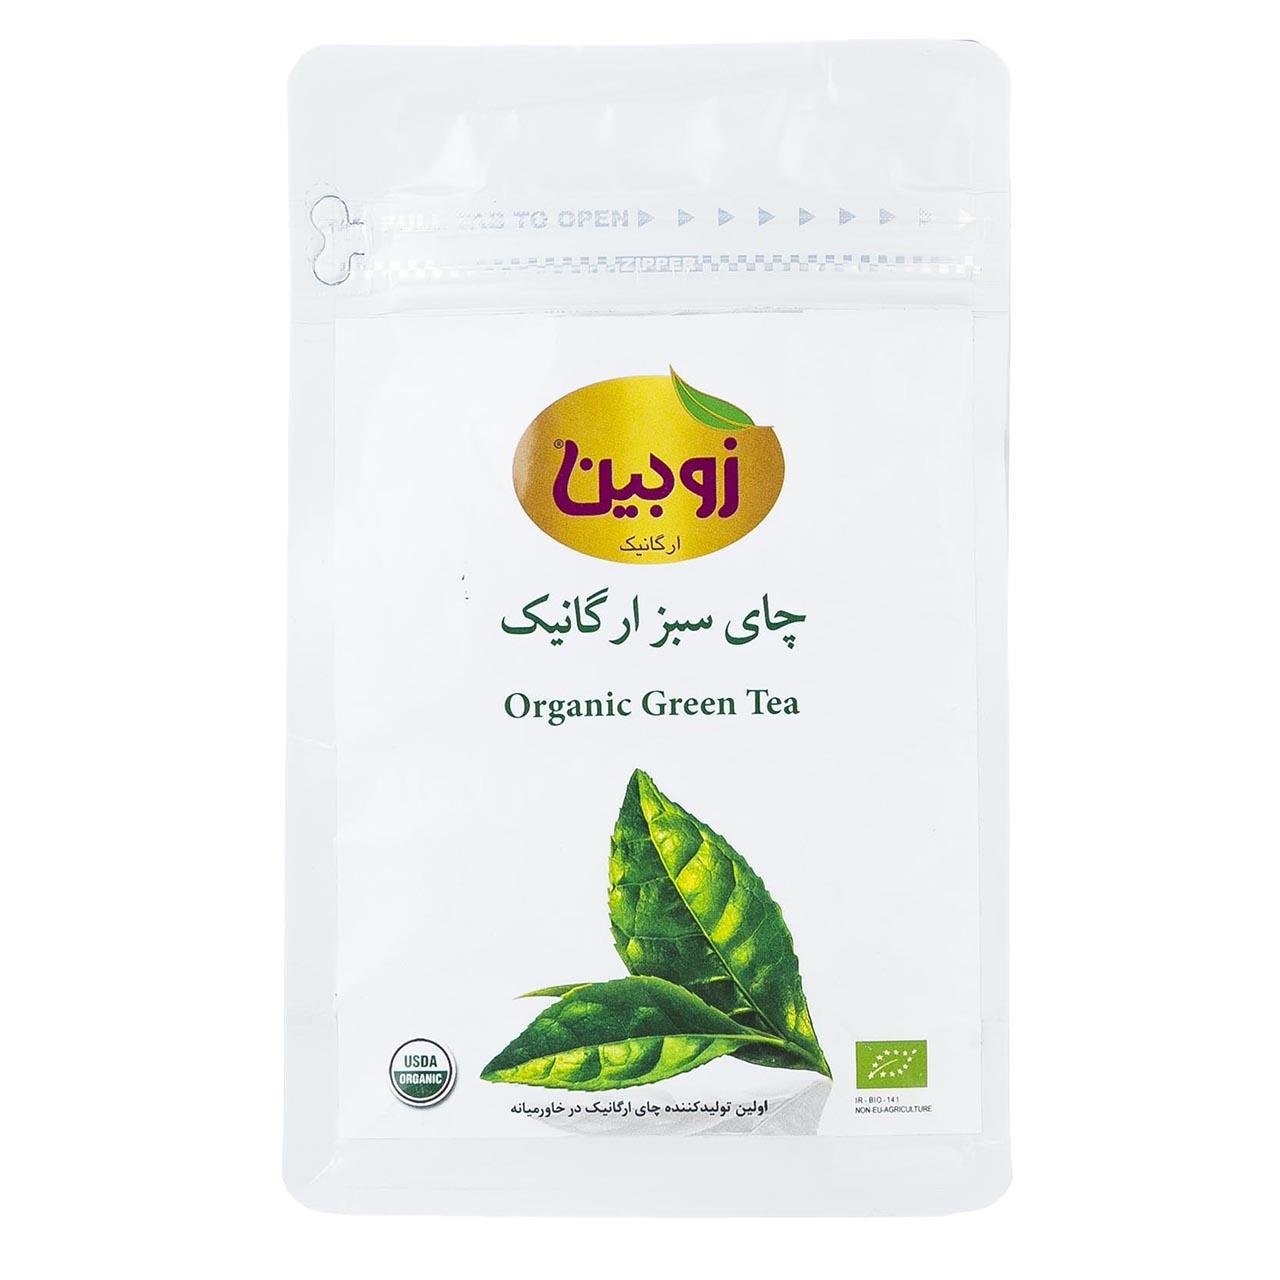 چای سبز زوبین ارگانیک مقدار 100گرم